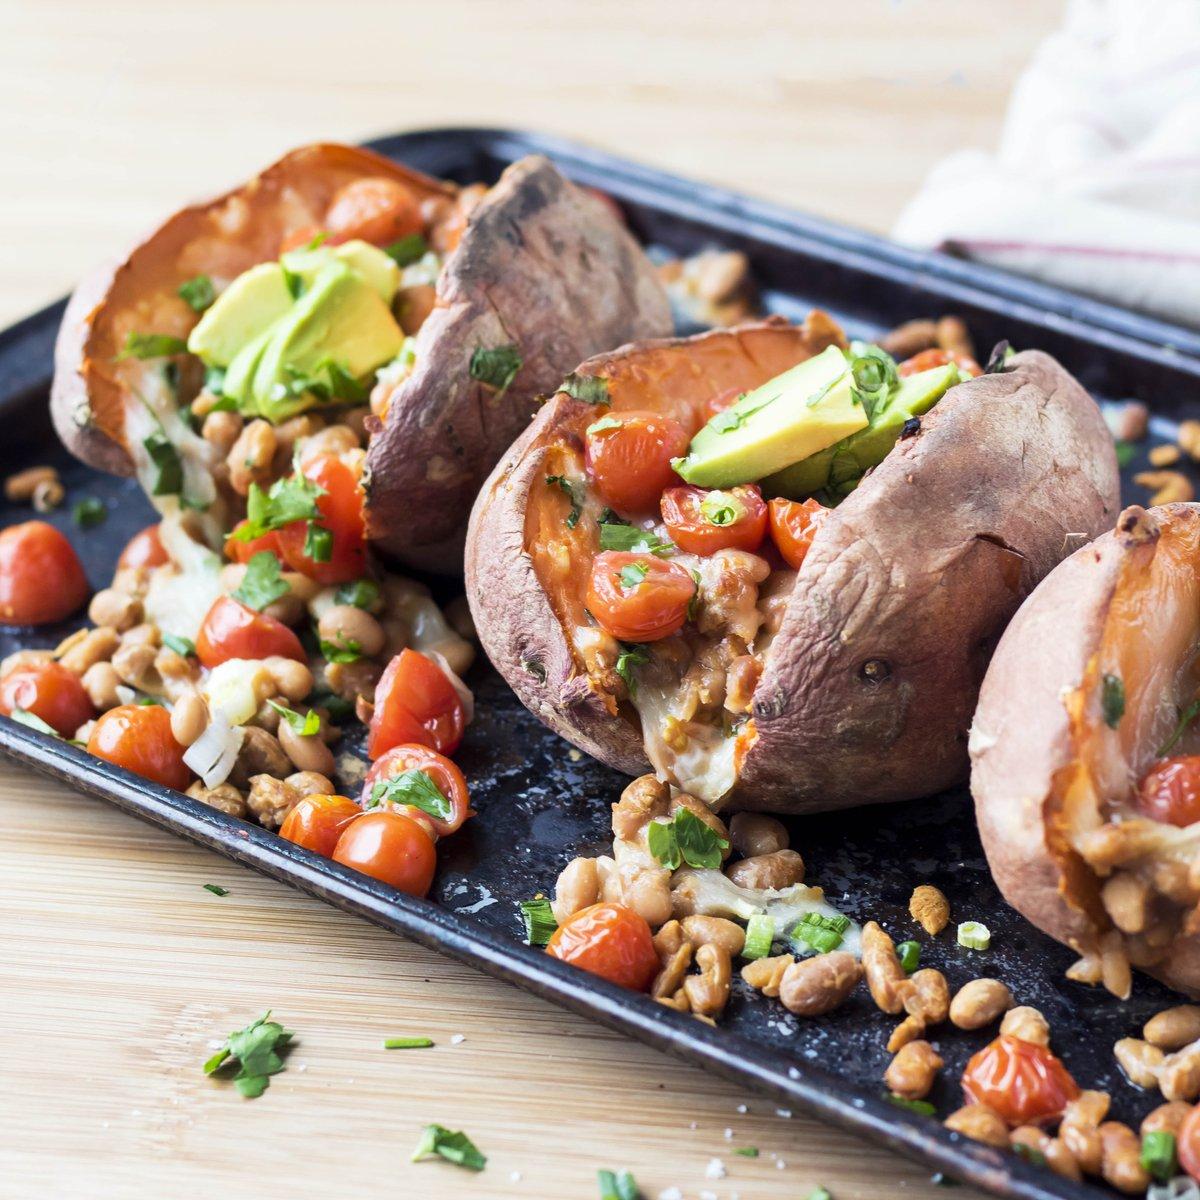 Easy dinner idea: Veggie-Packed Baked Sweet Potato. Go! #healthydinner https://t.co/m2wRmTYULp